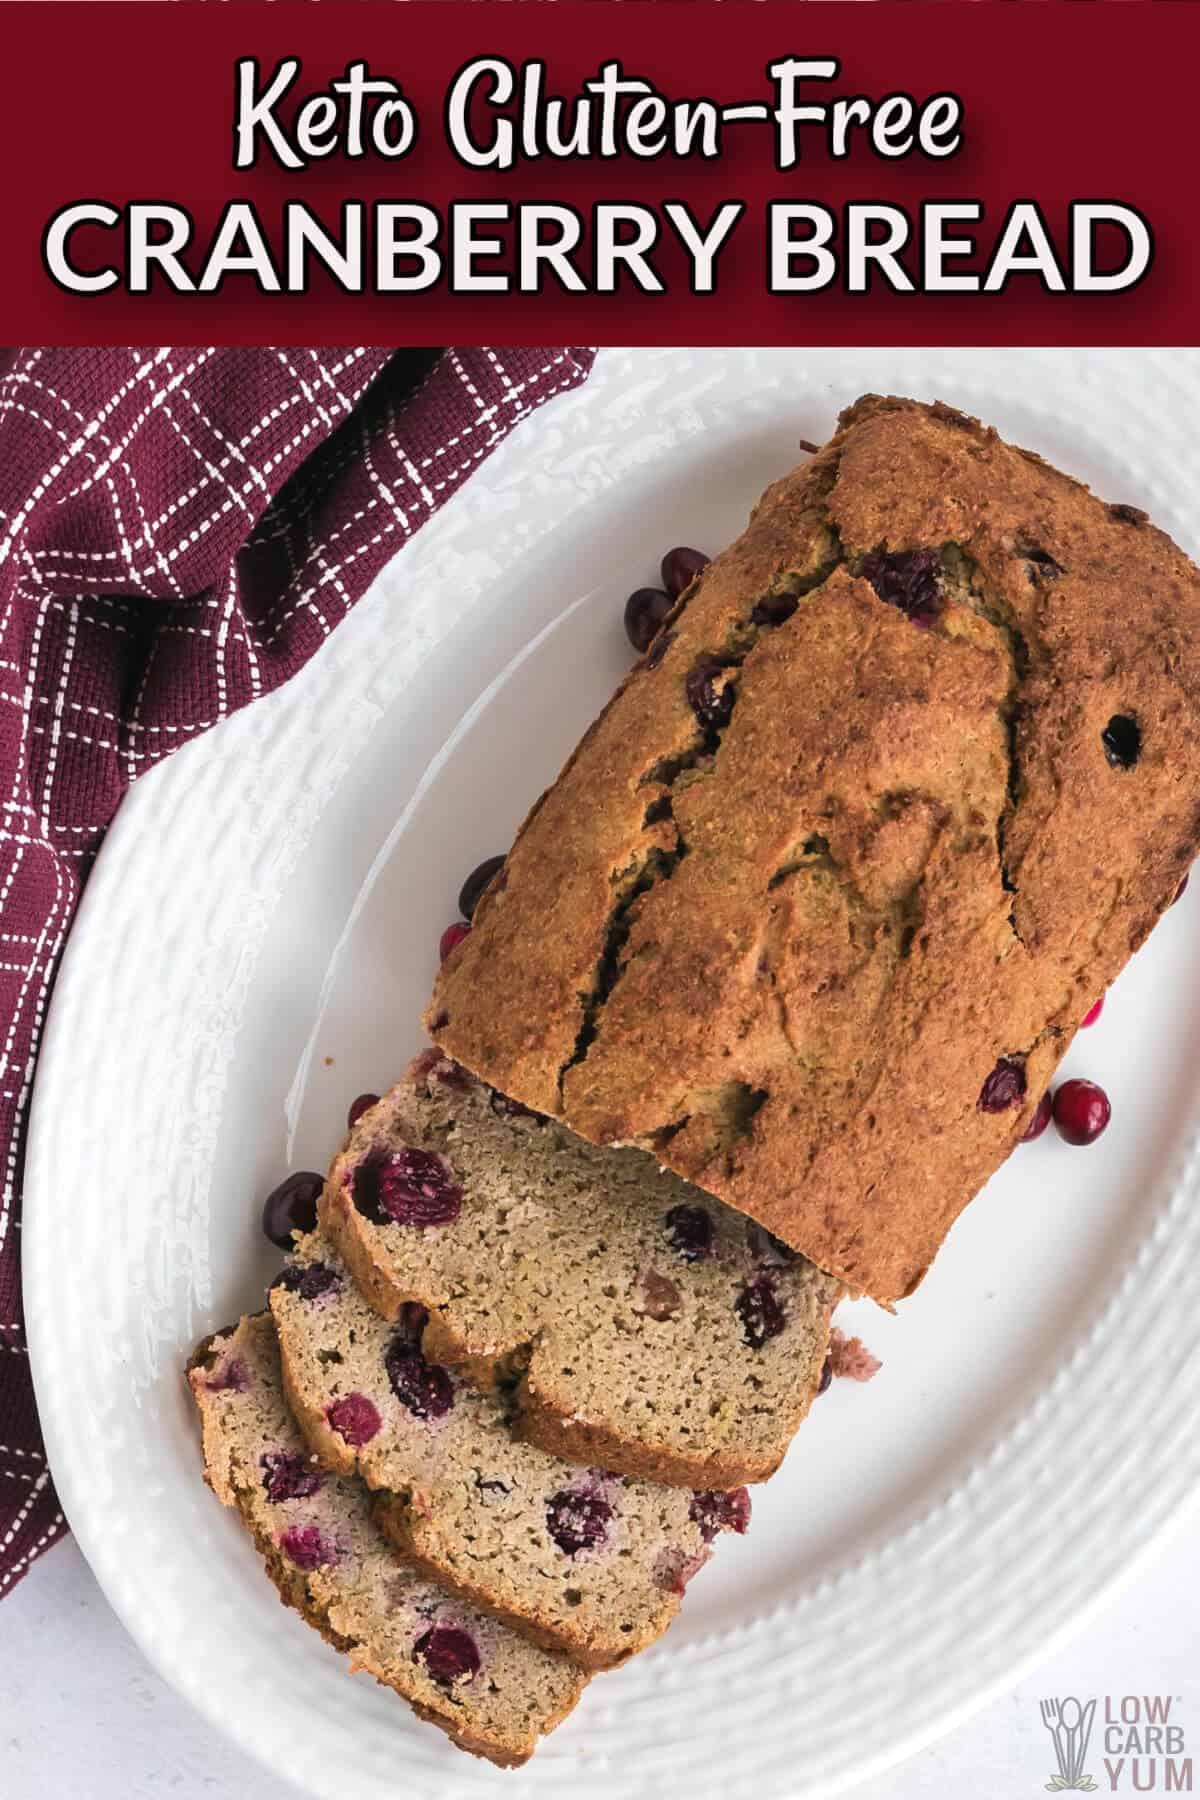 keto gluten-free cranberry bread cover image